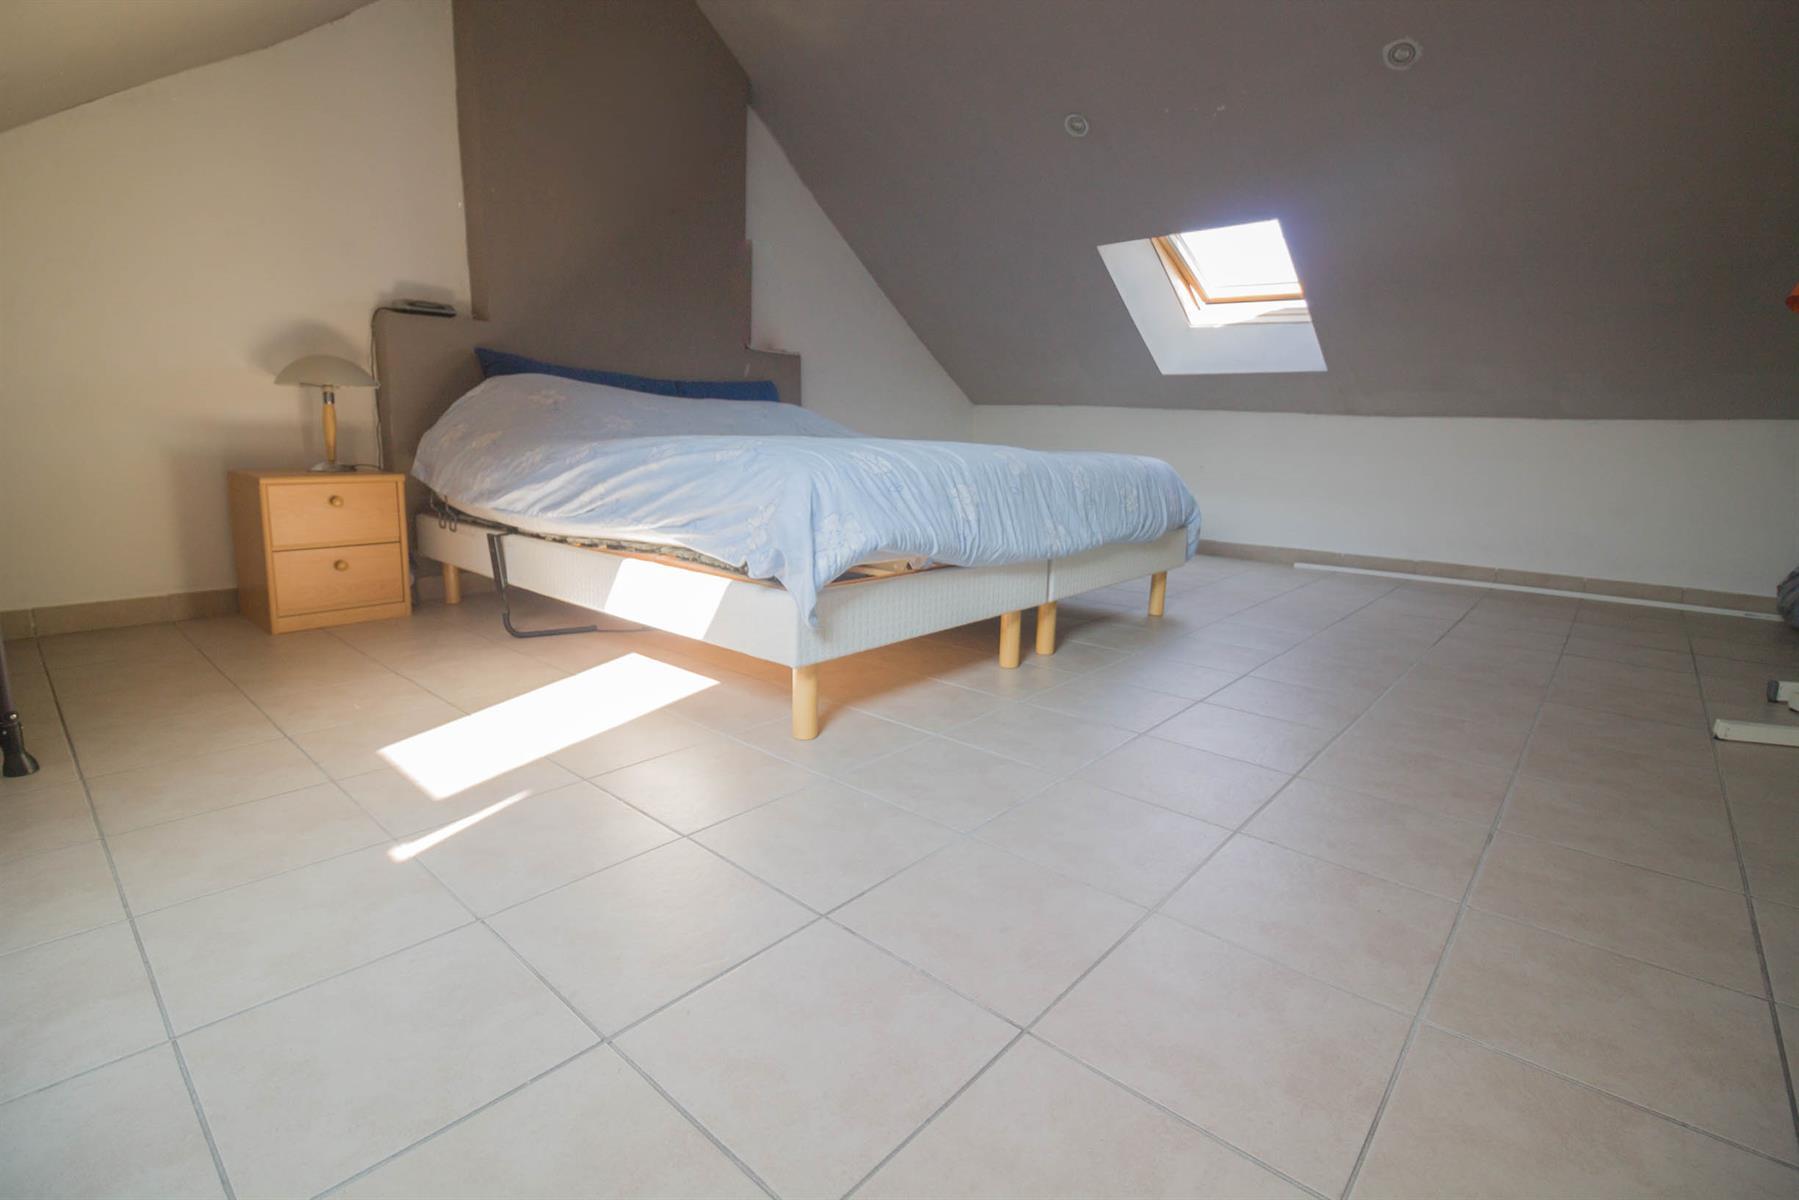 Maison - Forchies-la-Marche - #4397250-28